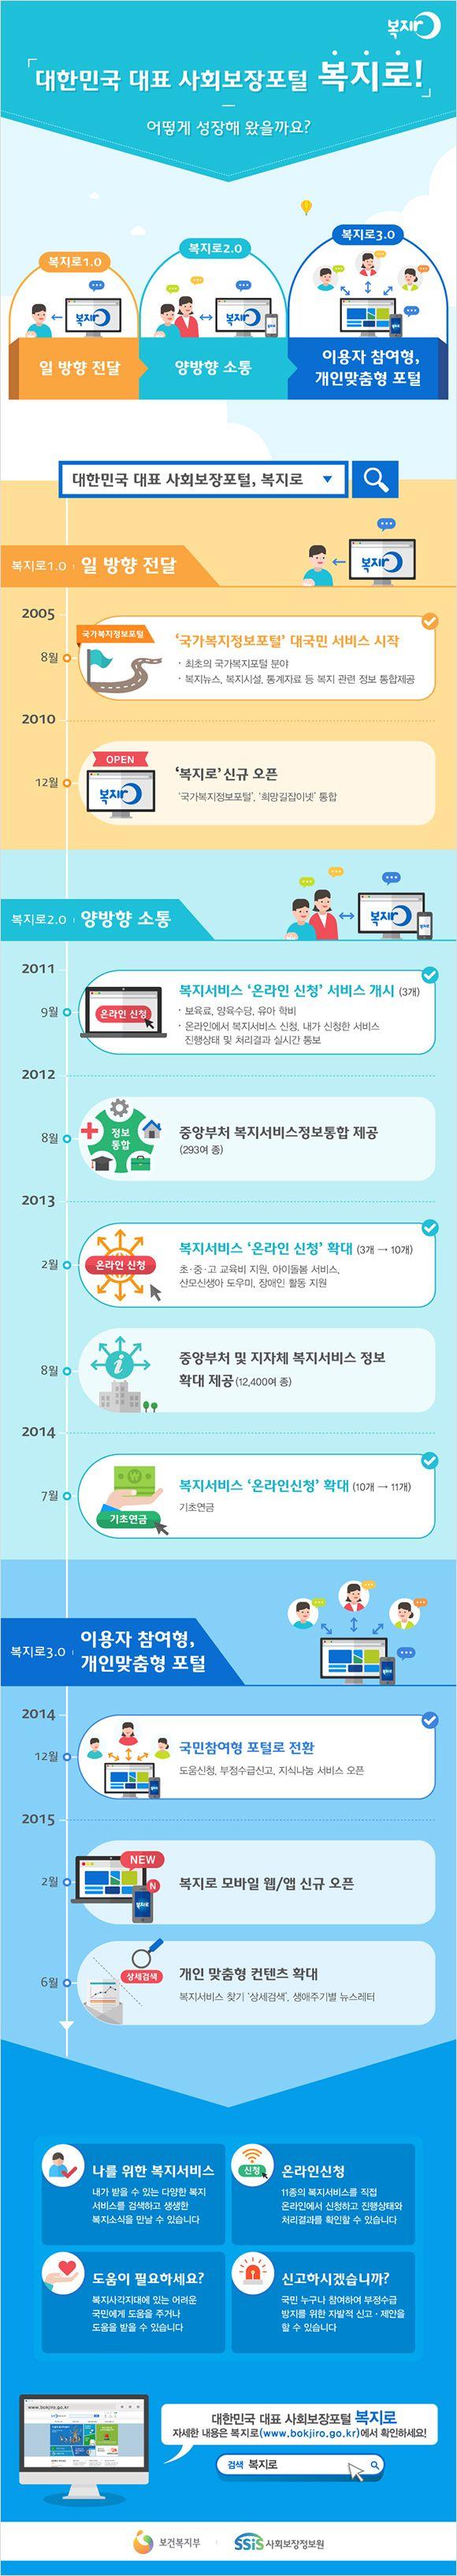 대한민국 대표 '사회보장포털 복지로' 발전과정에 관한 인포그래픽